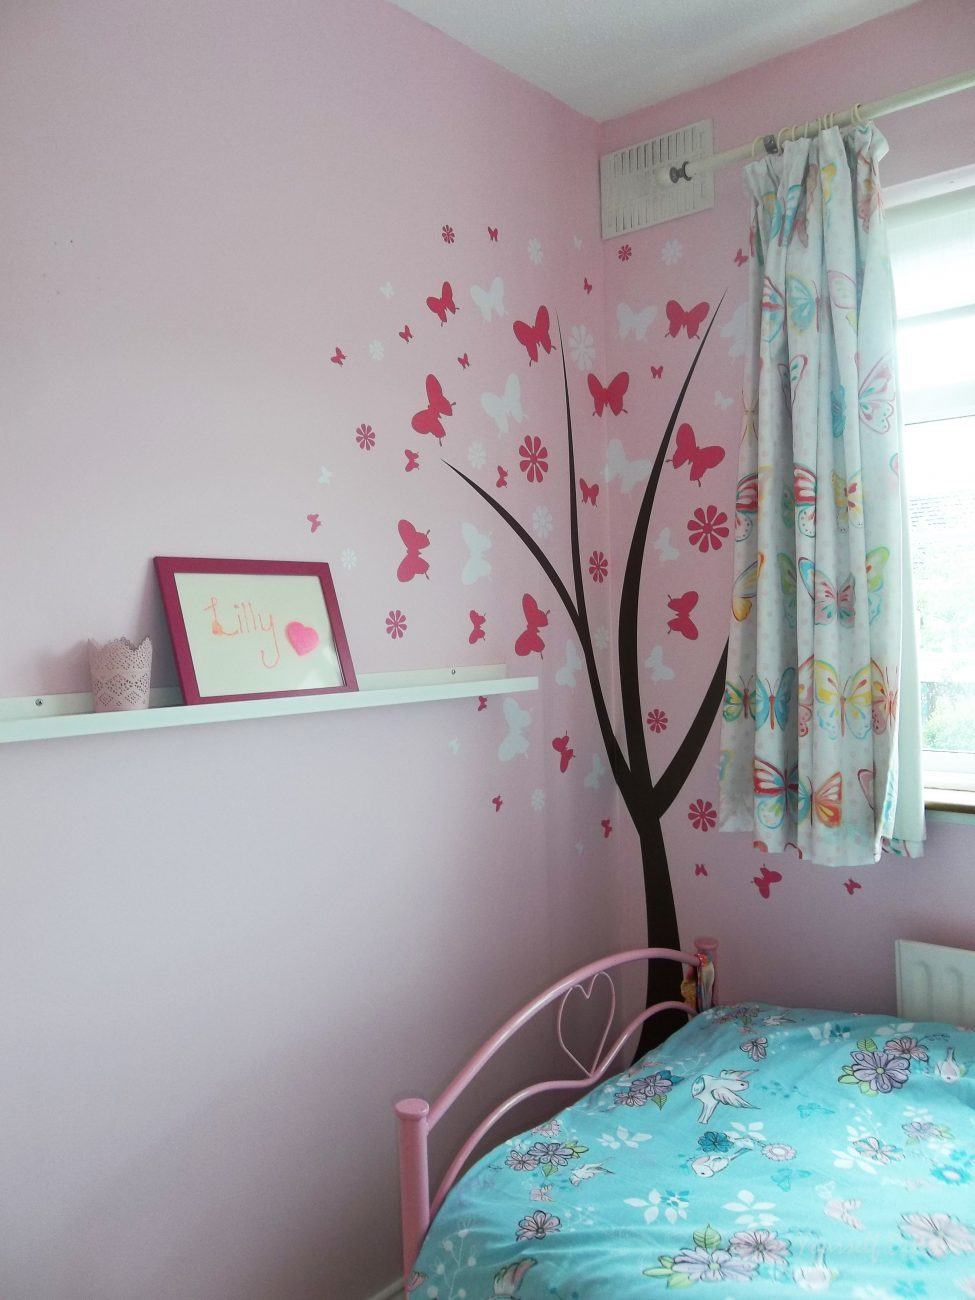 Butterfly flower tree - wall art decal